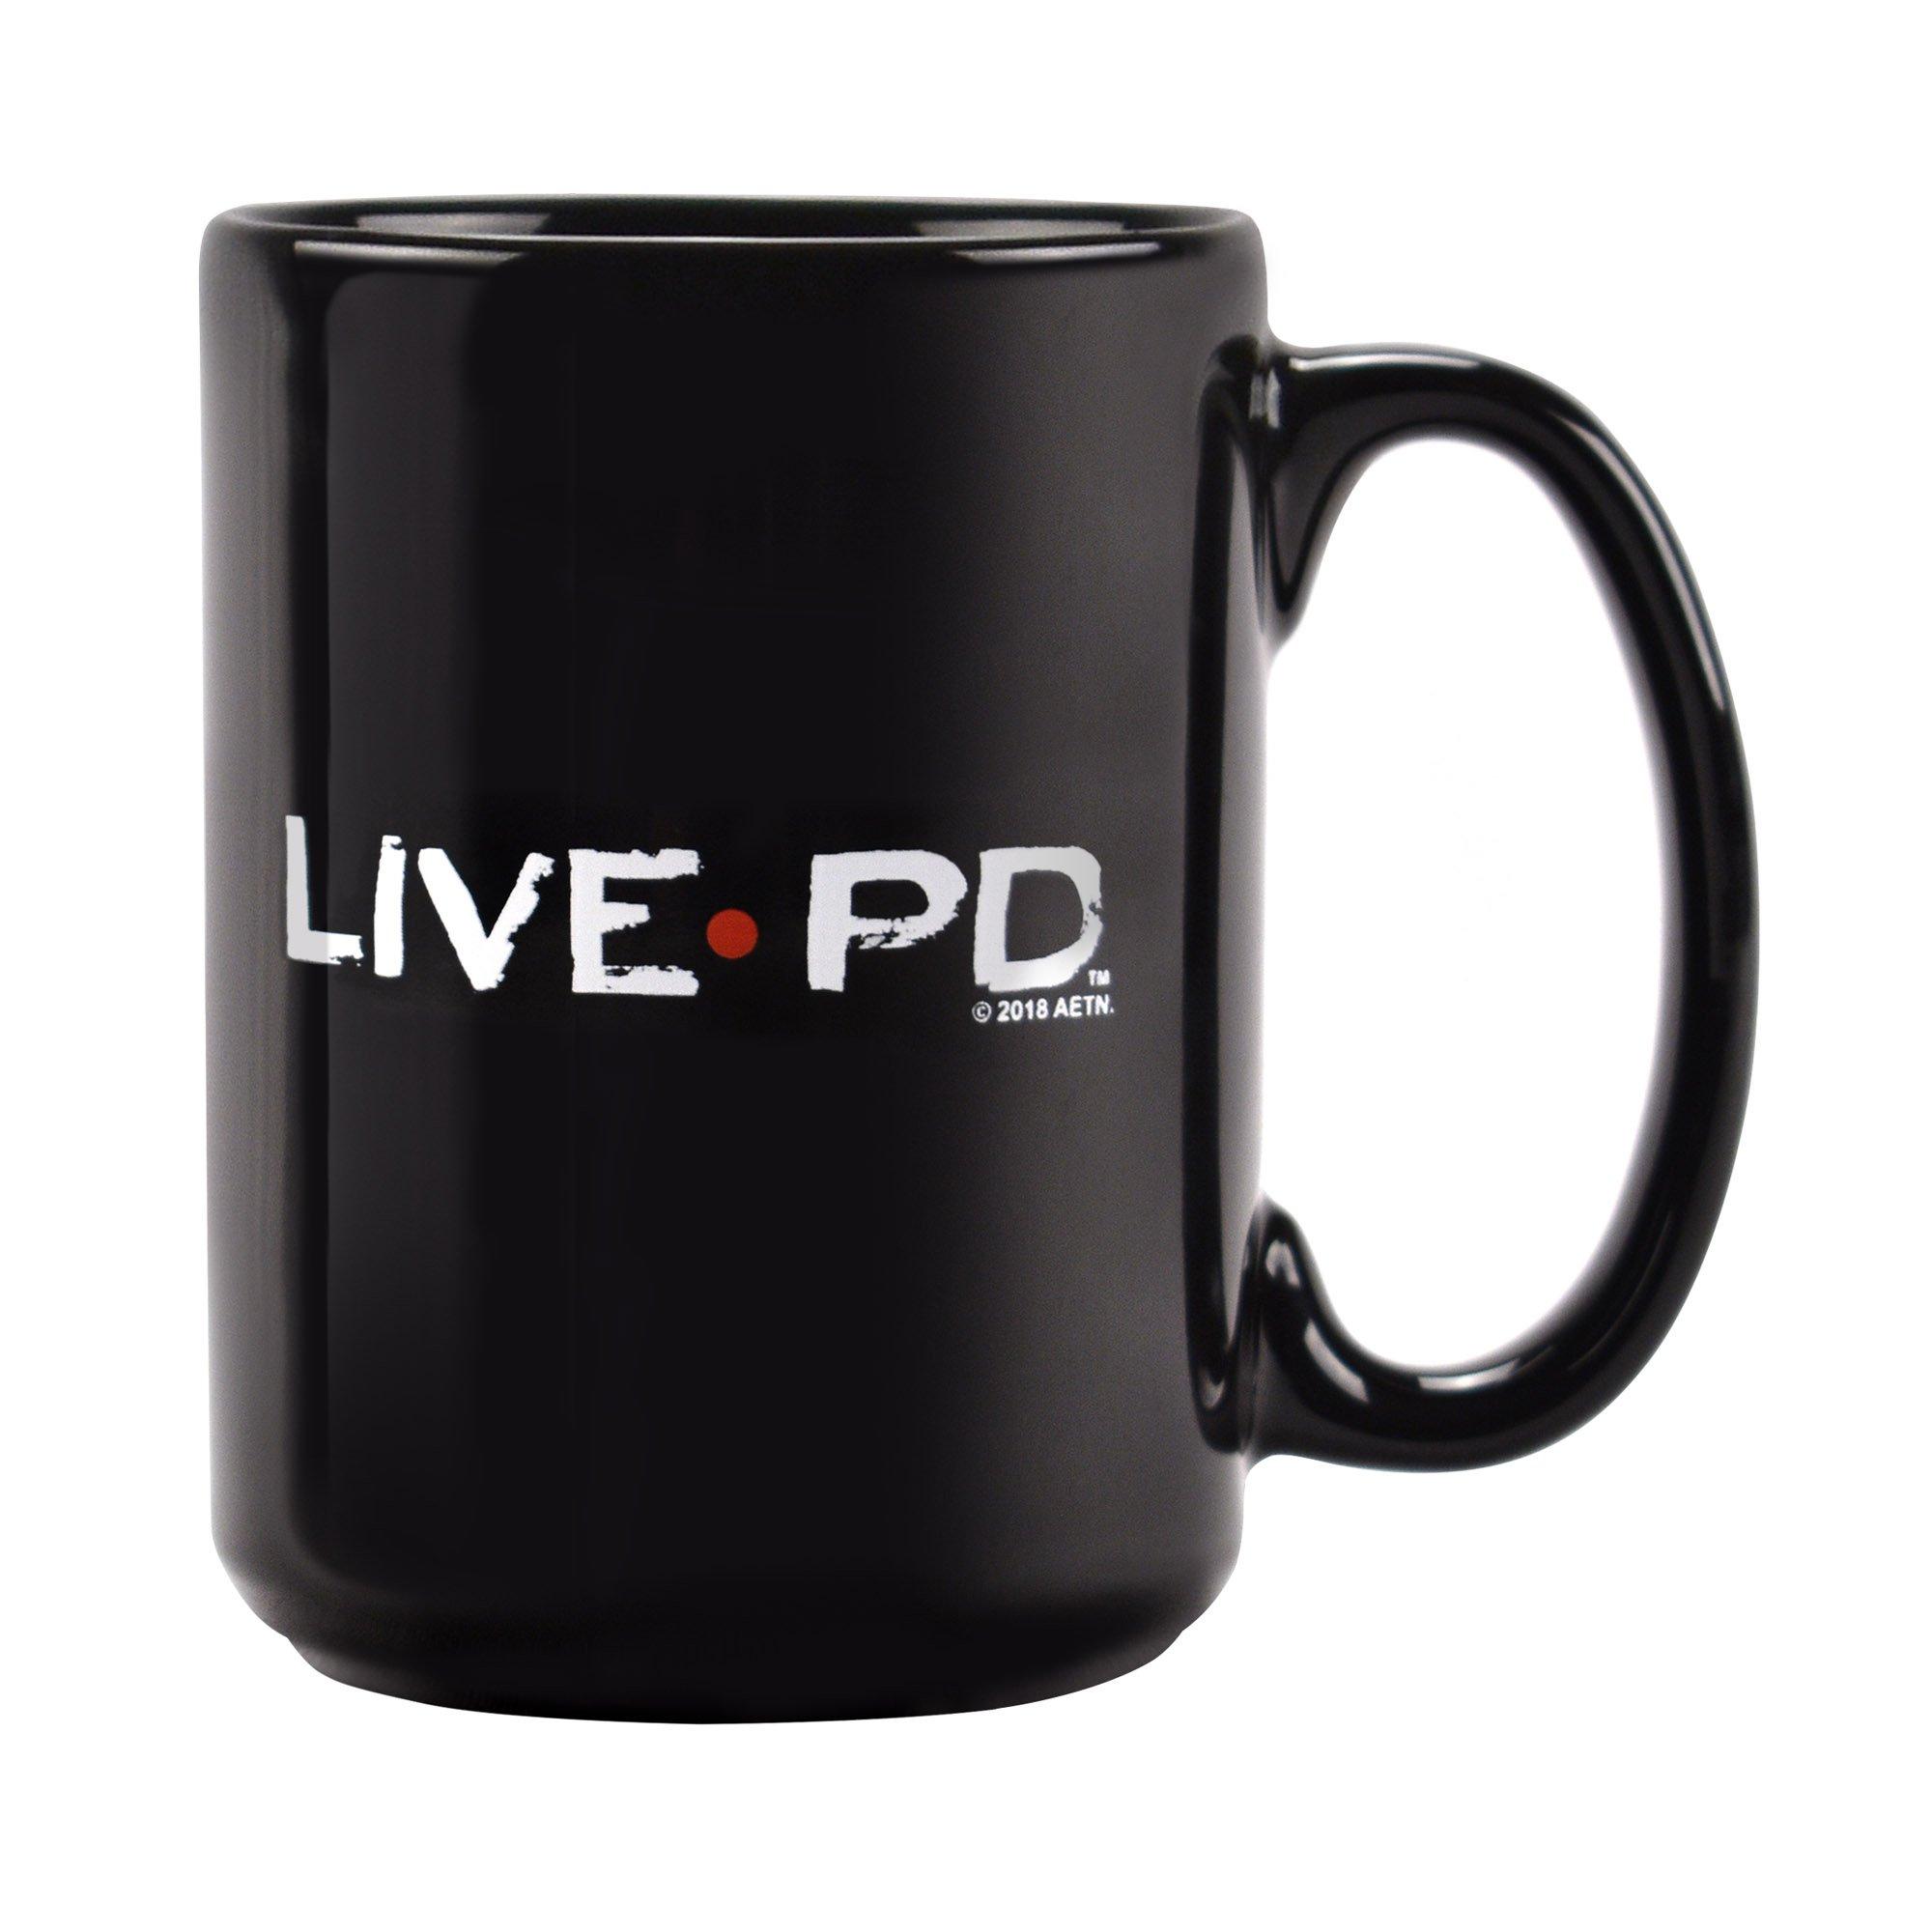 Official A&E Live PD TV Show 15 oz. Ceramic Coffee Mug